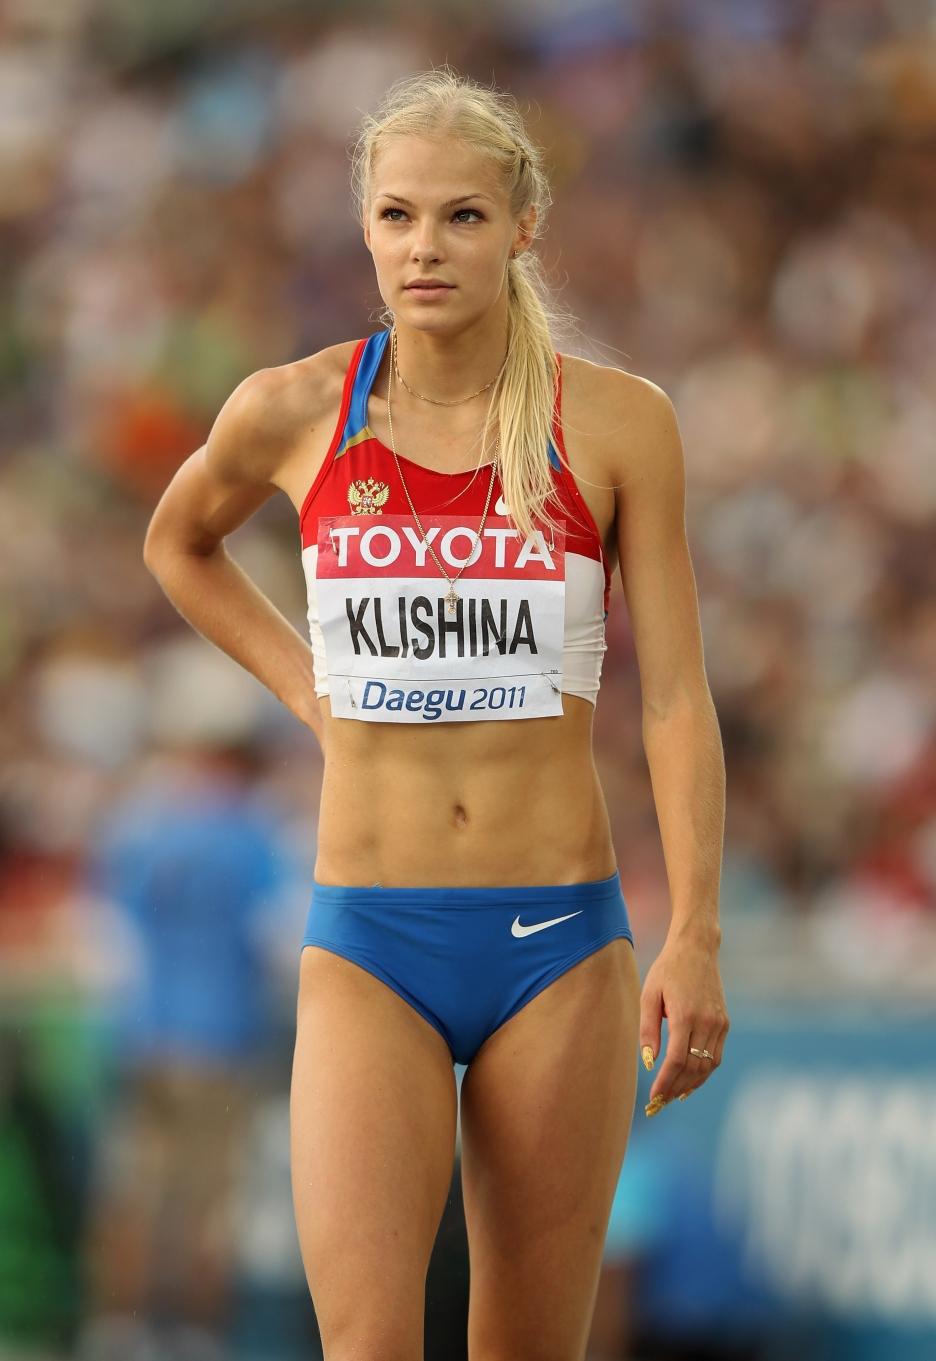 Hot Athletes Female Nude